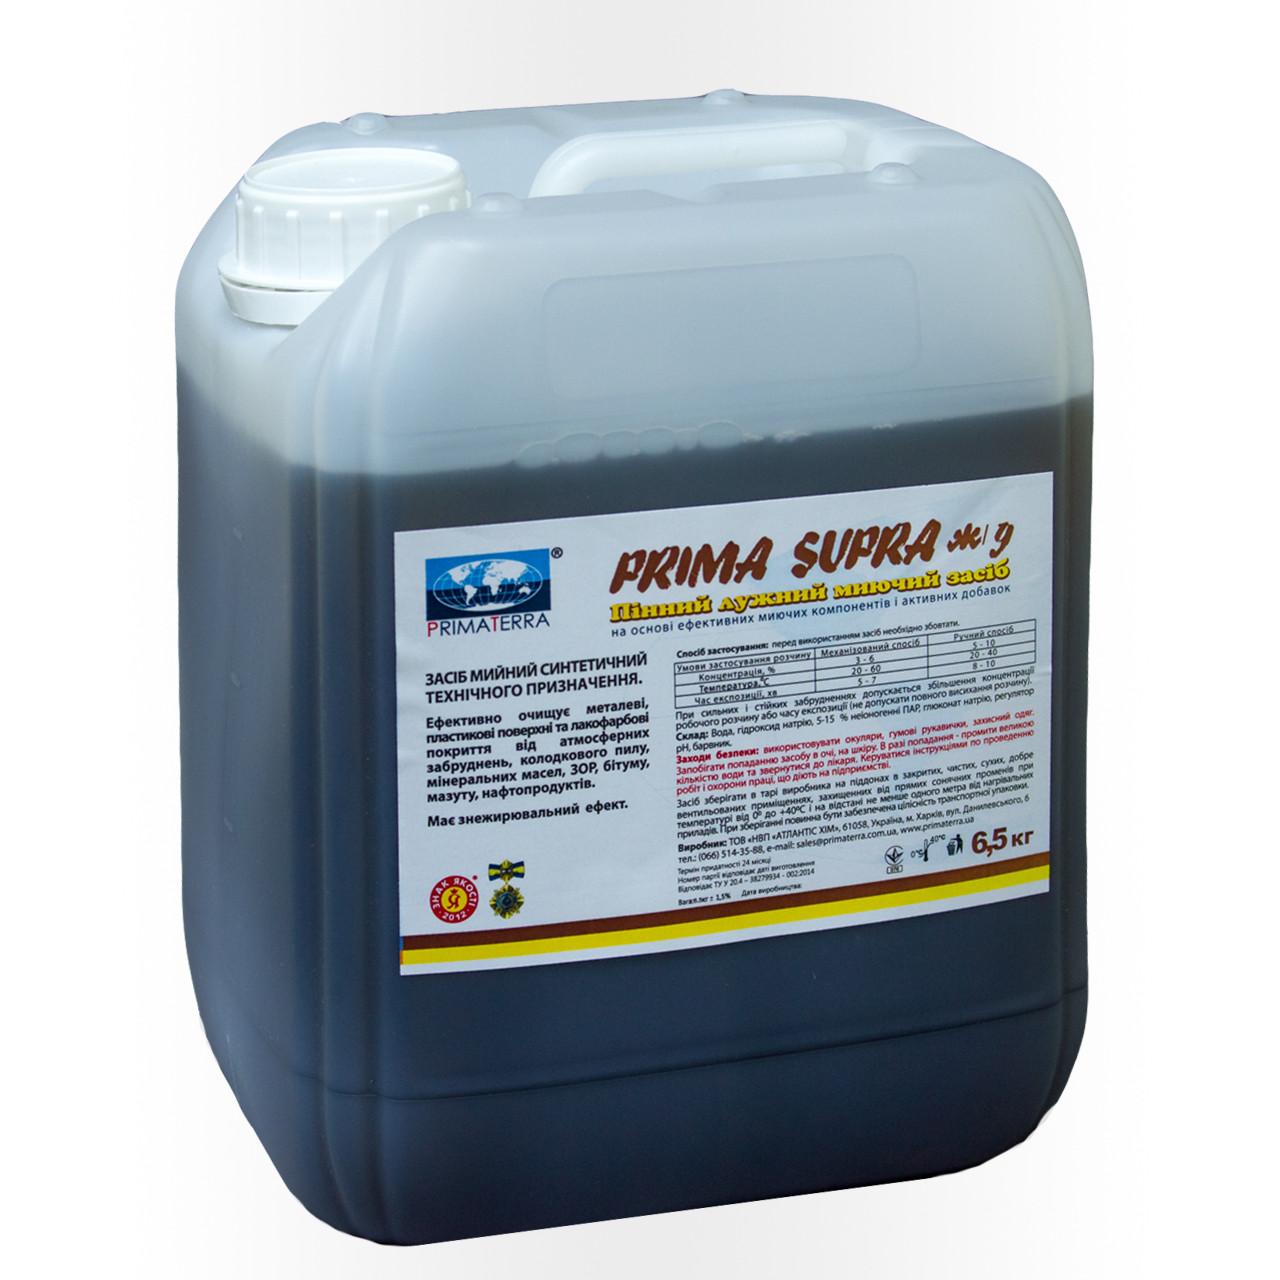 Миючий засіб для видалення ПММ забруднень Supra жд (6,5кг)